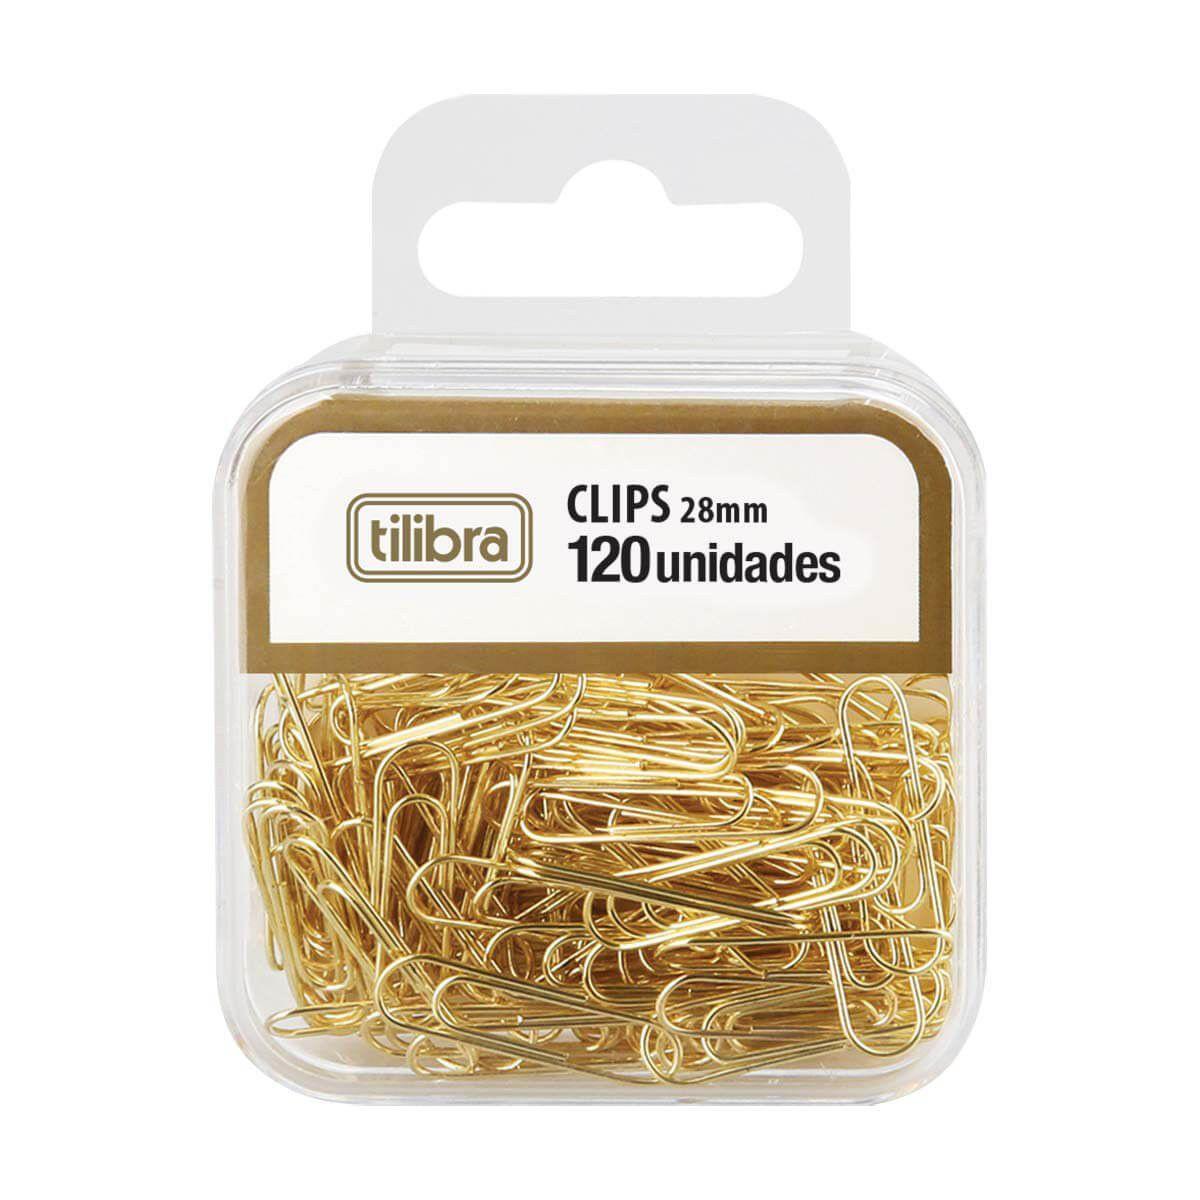 CLIPES 28 MM COM 120 UNIDADES TILIBRA